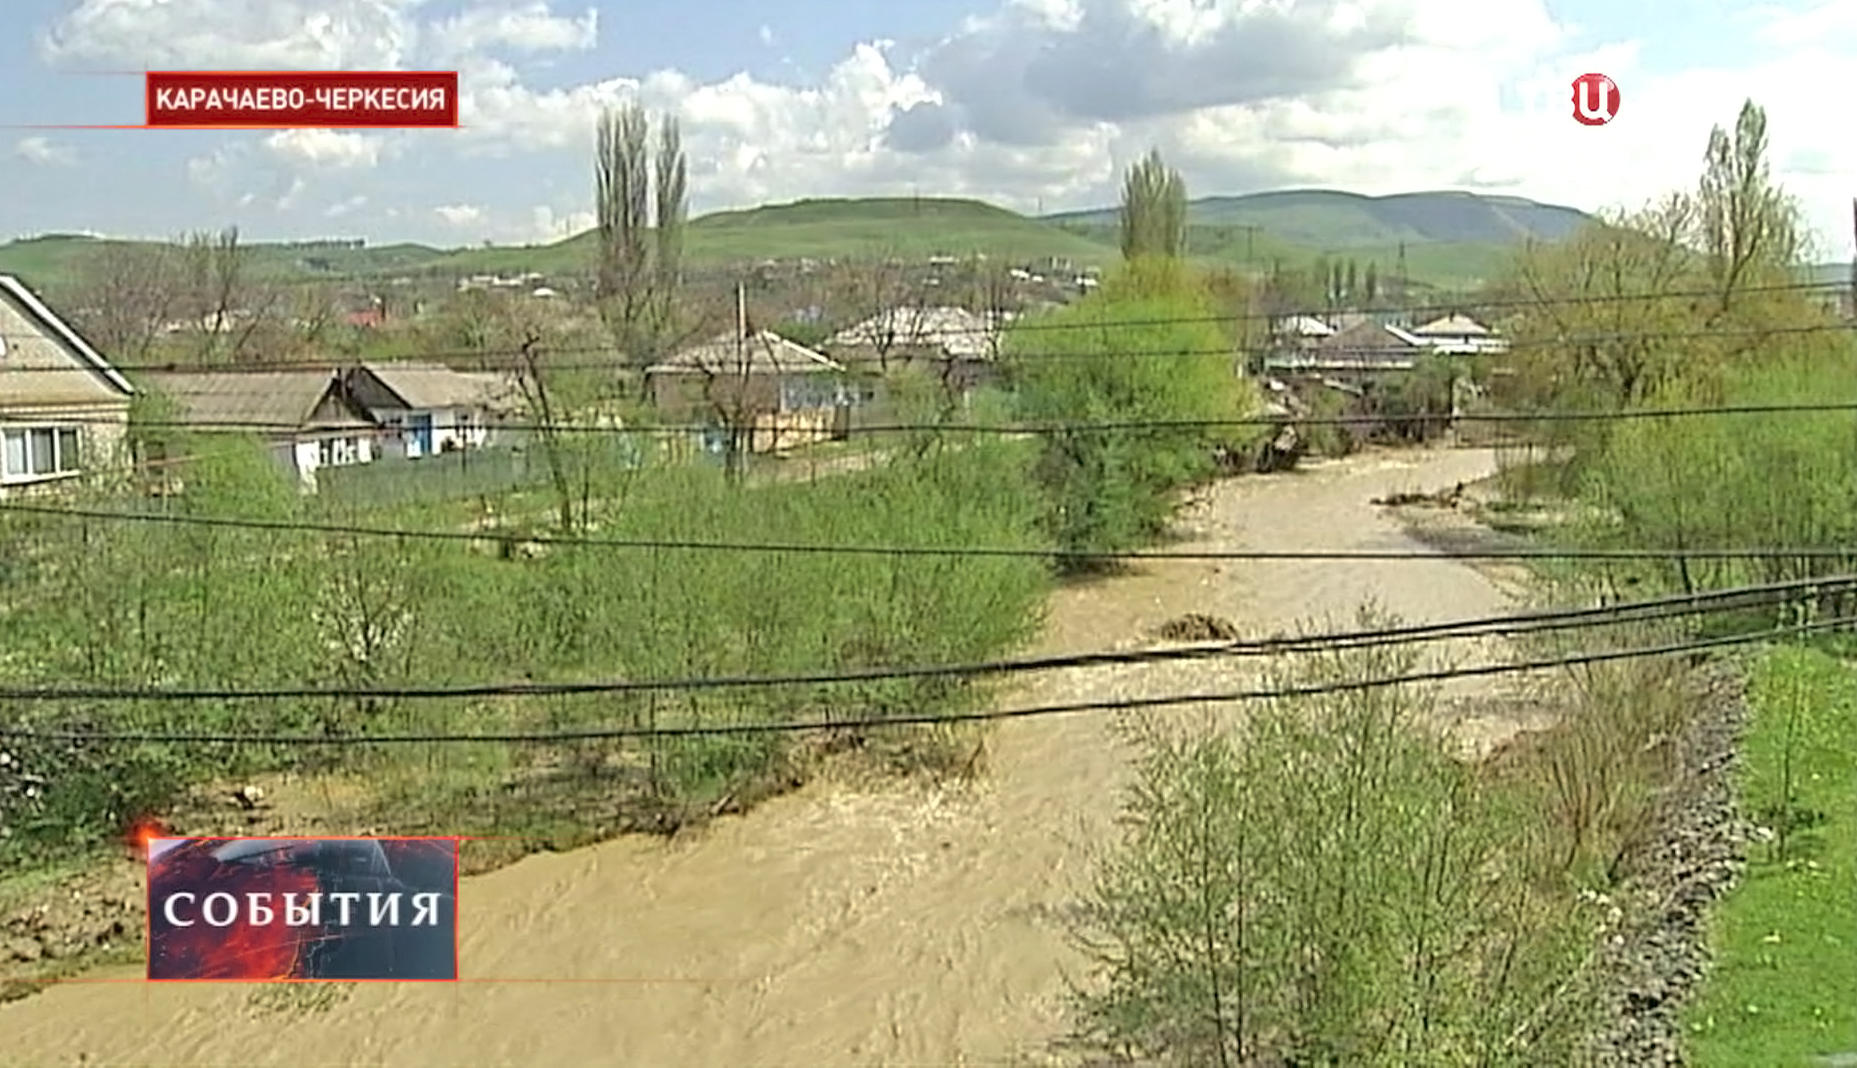 Грязная речка в Карачаево-Черкесии